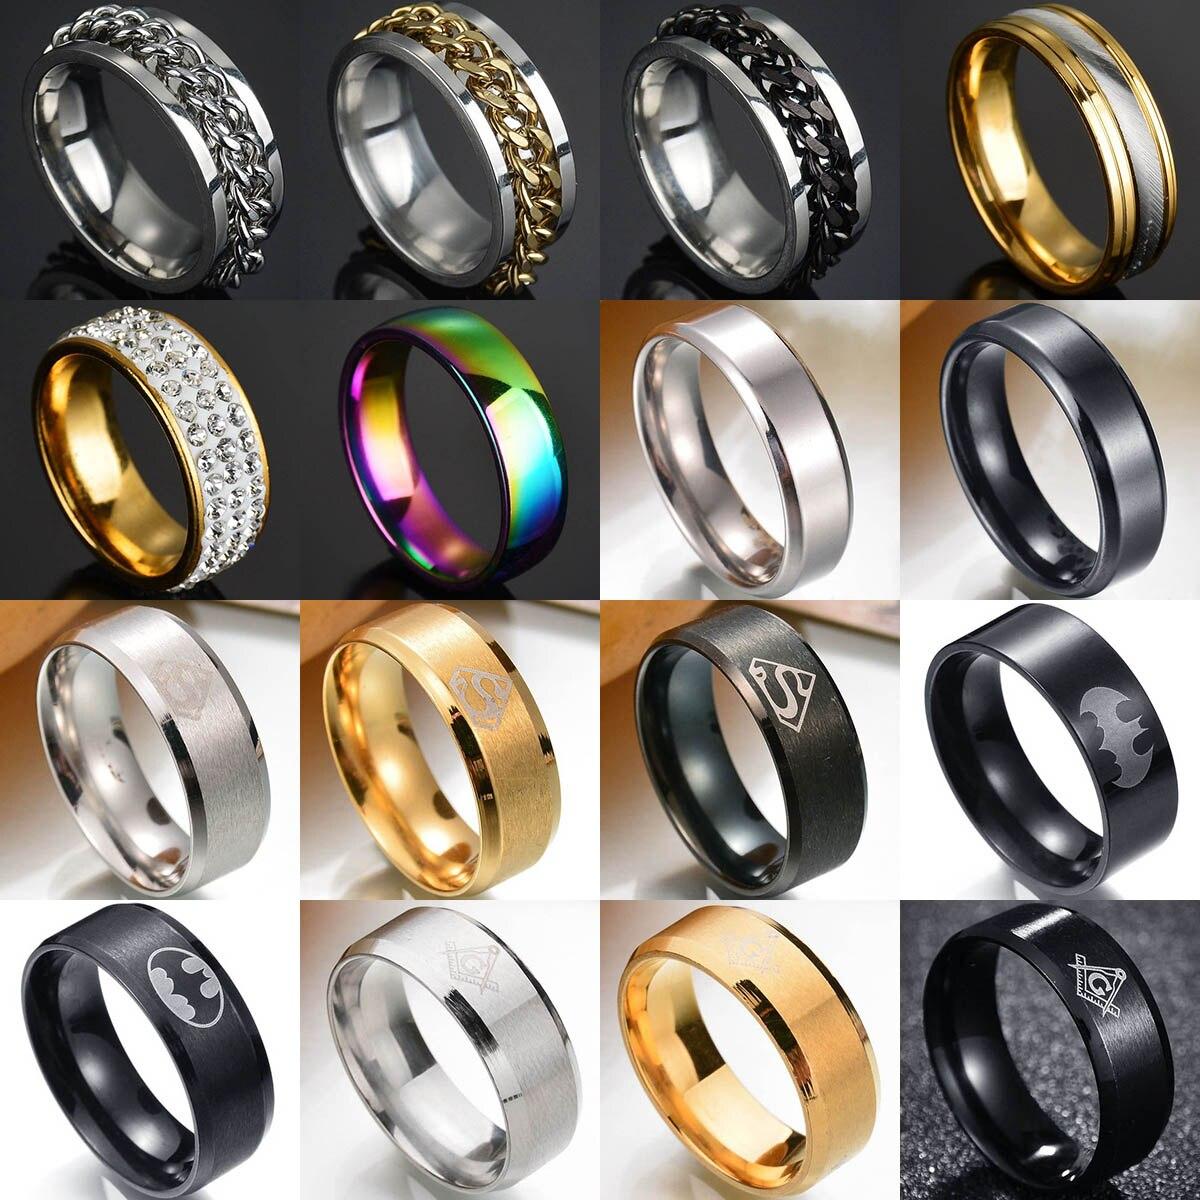 8 мм Панк титановая сталь римская цифра крученая цепь кольца для мужчин полированное черное панк Рок байкерское кольцо свадебное масонское кольцо